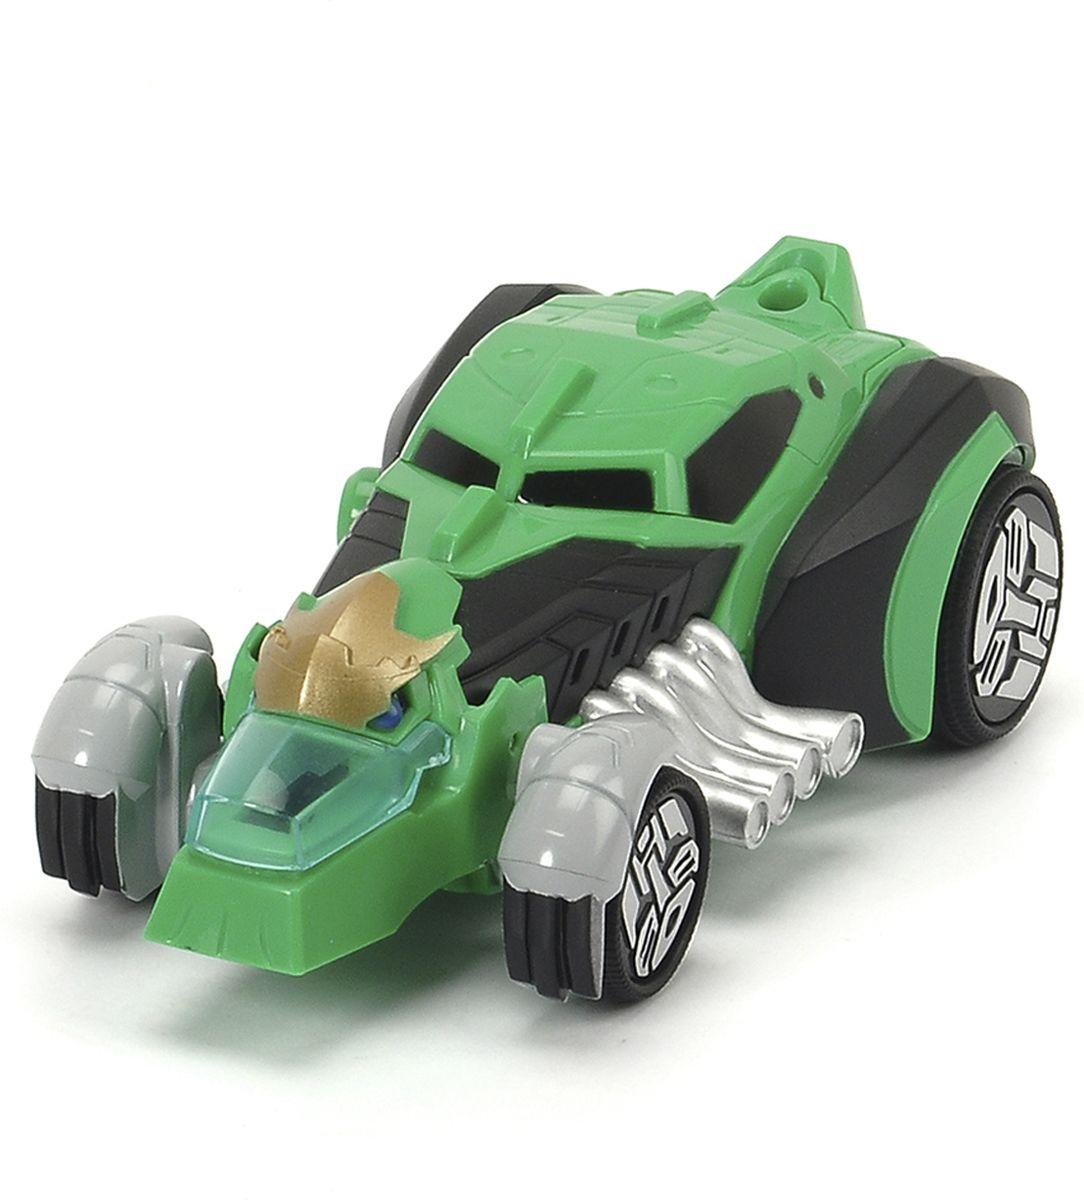 Dickie Toys Машинка-трансформер Grimlock3113002Оригинальная машинка-трансформер Dickie Toys Grimlock надолго займет внимание вашего ребенка. Grimlock - это один из главных героев мультфильма Трансформеры. Роботы под прикрытием. Игрушка выполнена из прочного пластика в виде гоночной машинки, снабжена яркой подсветкой и может воспроизводить звуки мотора. Колесные диски украшены логотипом автоботов. Для превращения в робота необходимо поставить машинку на задний бампер. После превращения машинка становится боевым трансформером. В этом режиме появляются боевые звуки. Для обратного превращения достаточно просто поставить машинку на колеса. Эта игрушка непременно понравится вашему малышу. Порадуйте его таким замечательным подарком! Рекомендуется докупить 2 батарейки типа ААА напряжением 1,5V (комплектуется демонстрационными).